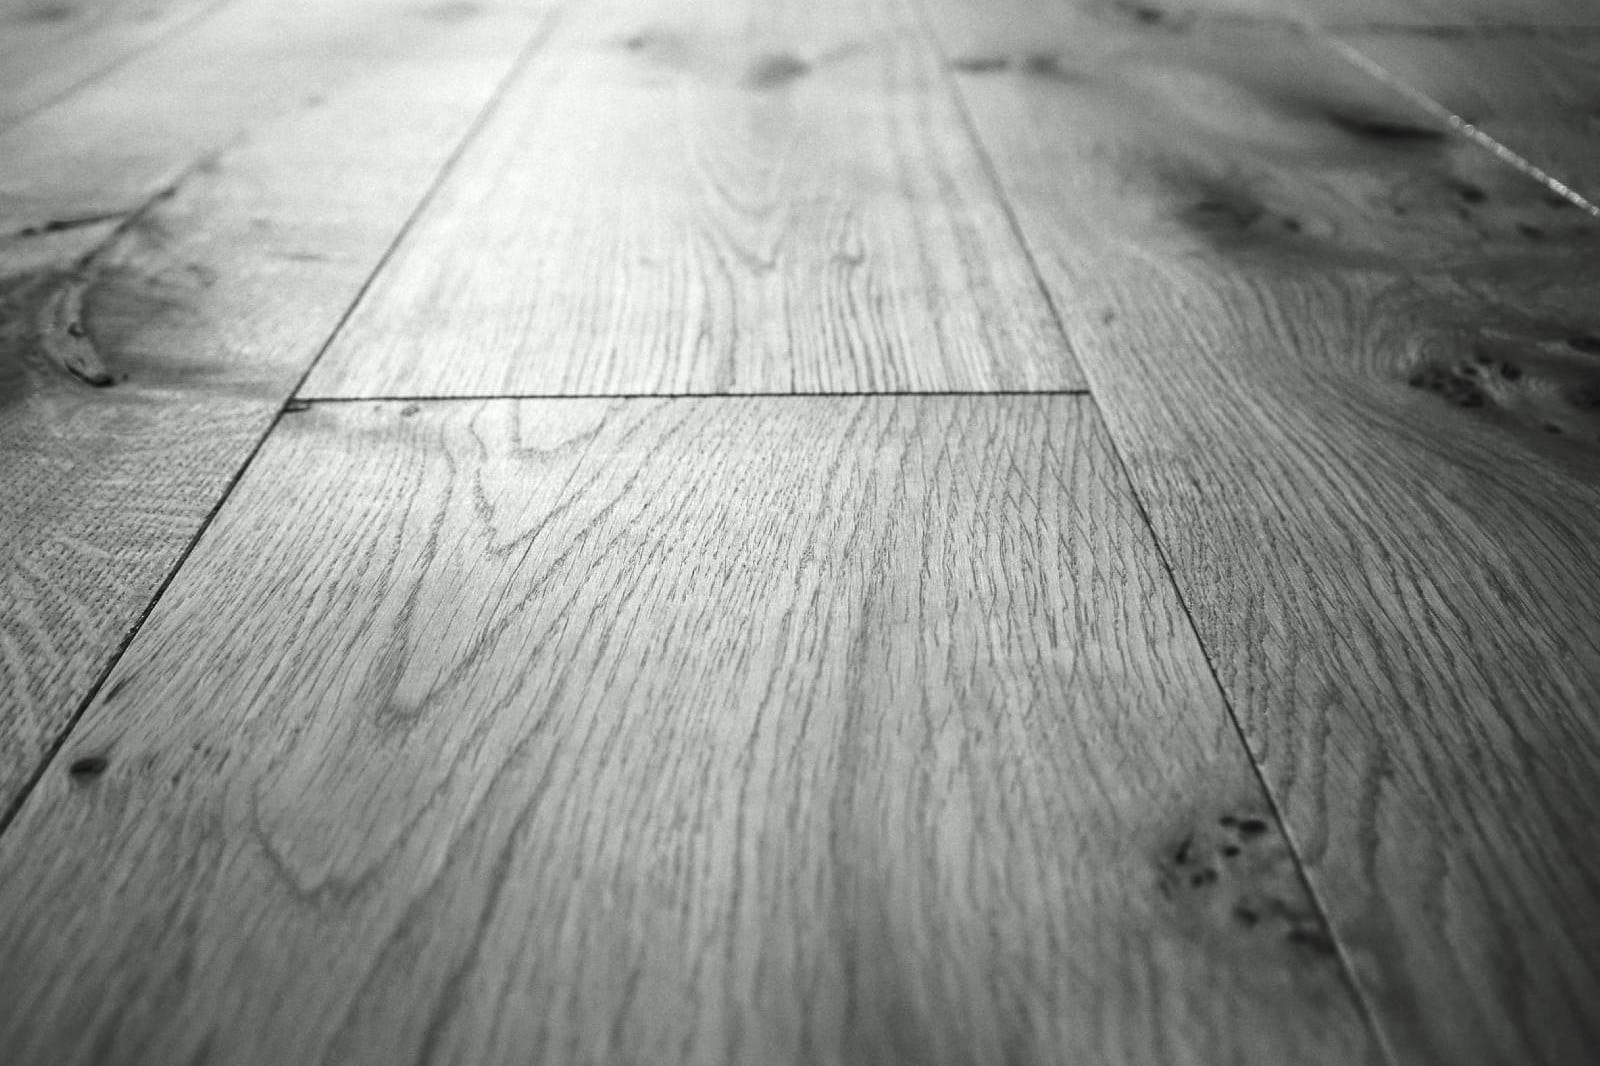 eichenholz preise cool esstisch goliath x eiche gelt with eichenholz preise finest eiche bild. Black Bedroom Furniture Sets. Home Design Ideas